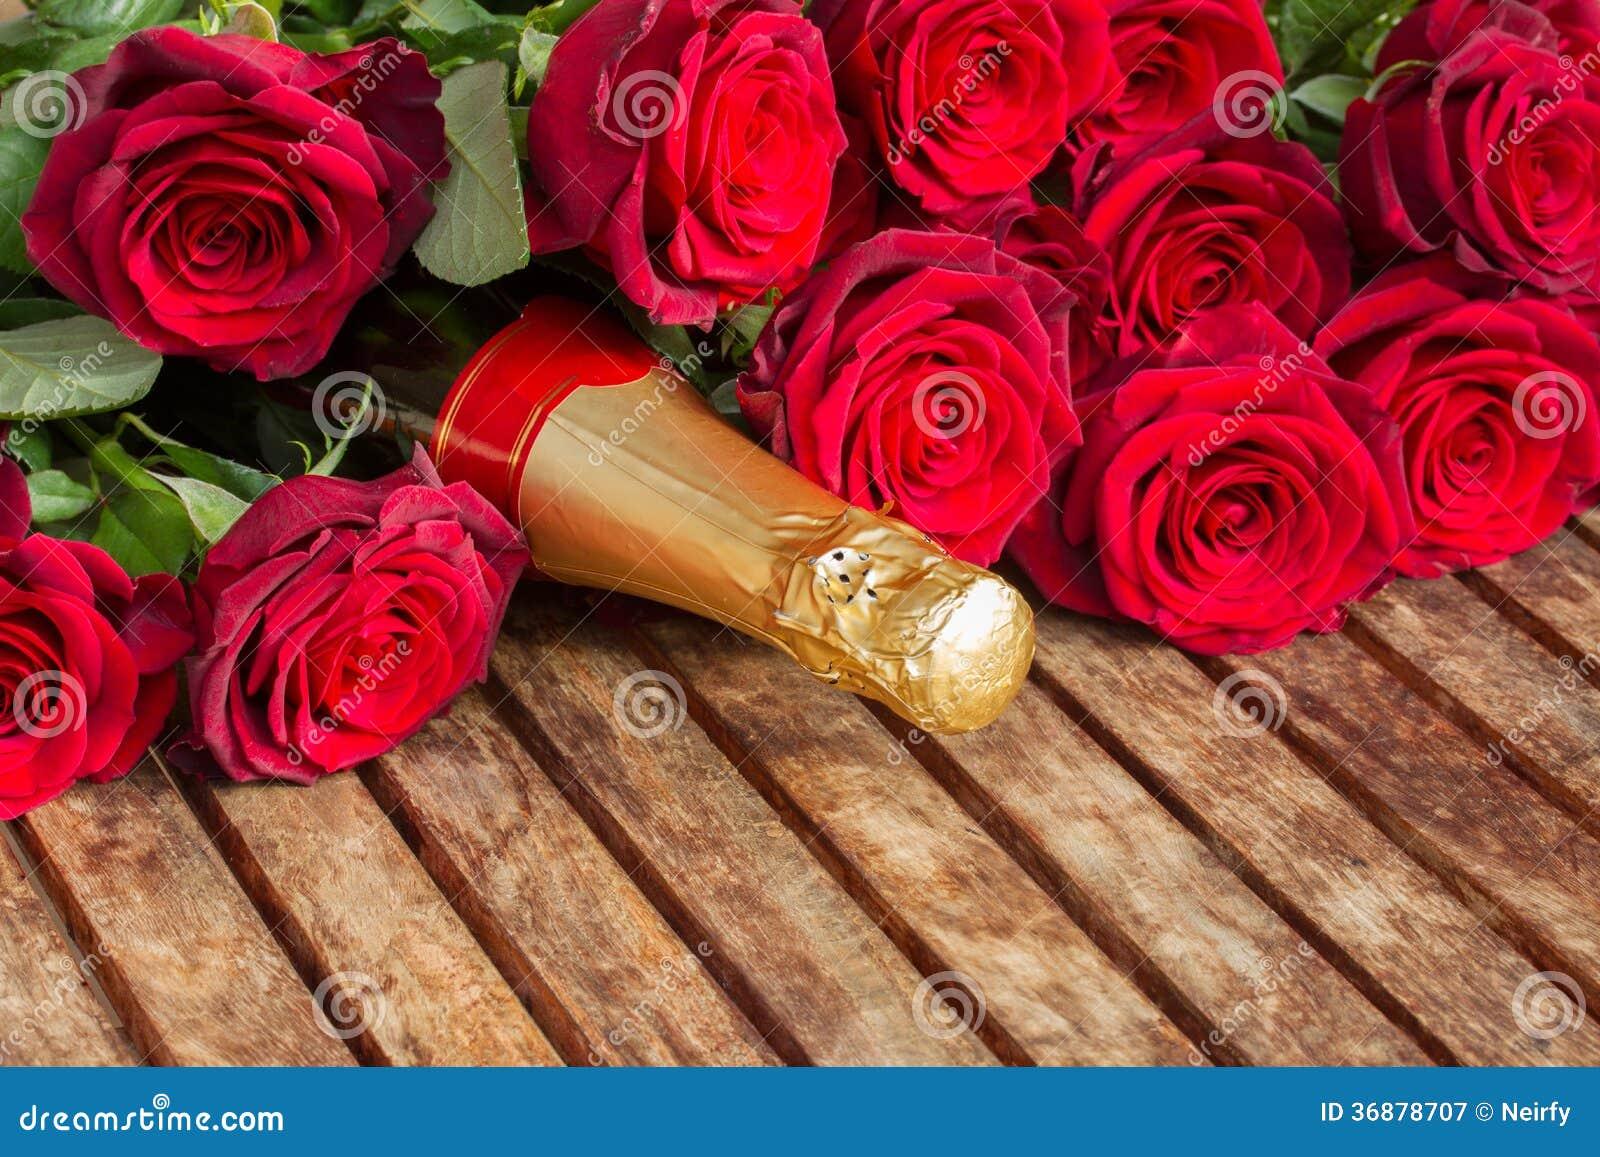 Download Rose Rosse Cremisi Con Il Collo Di Champagne Immagine Stock - Immagine di unione, bellezza: 36878707